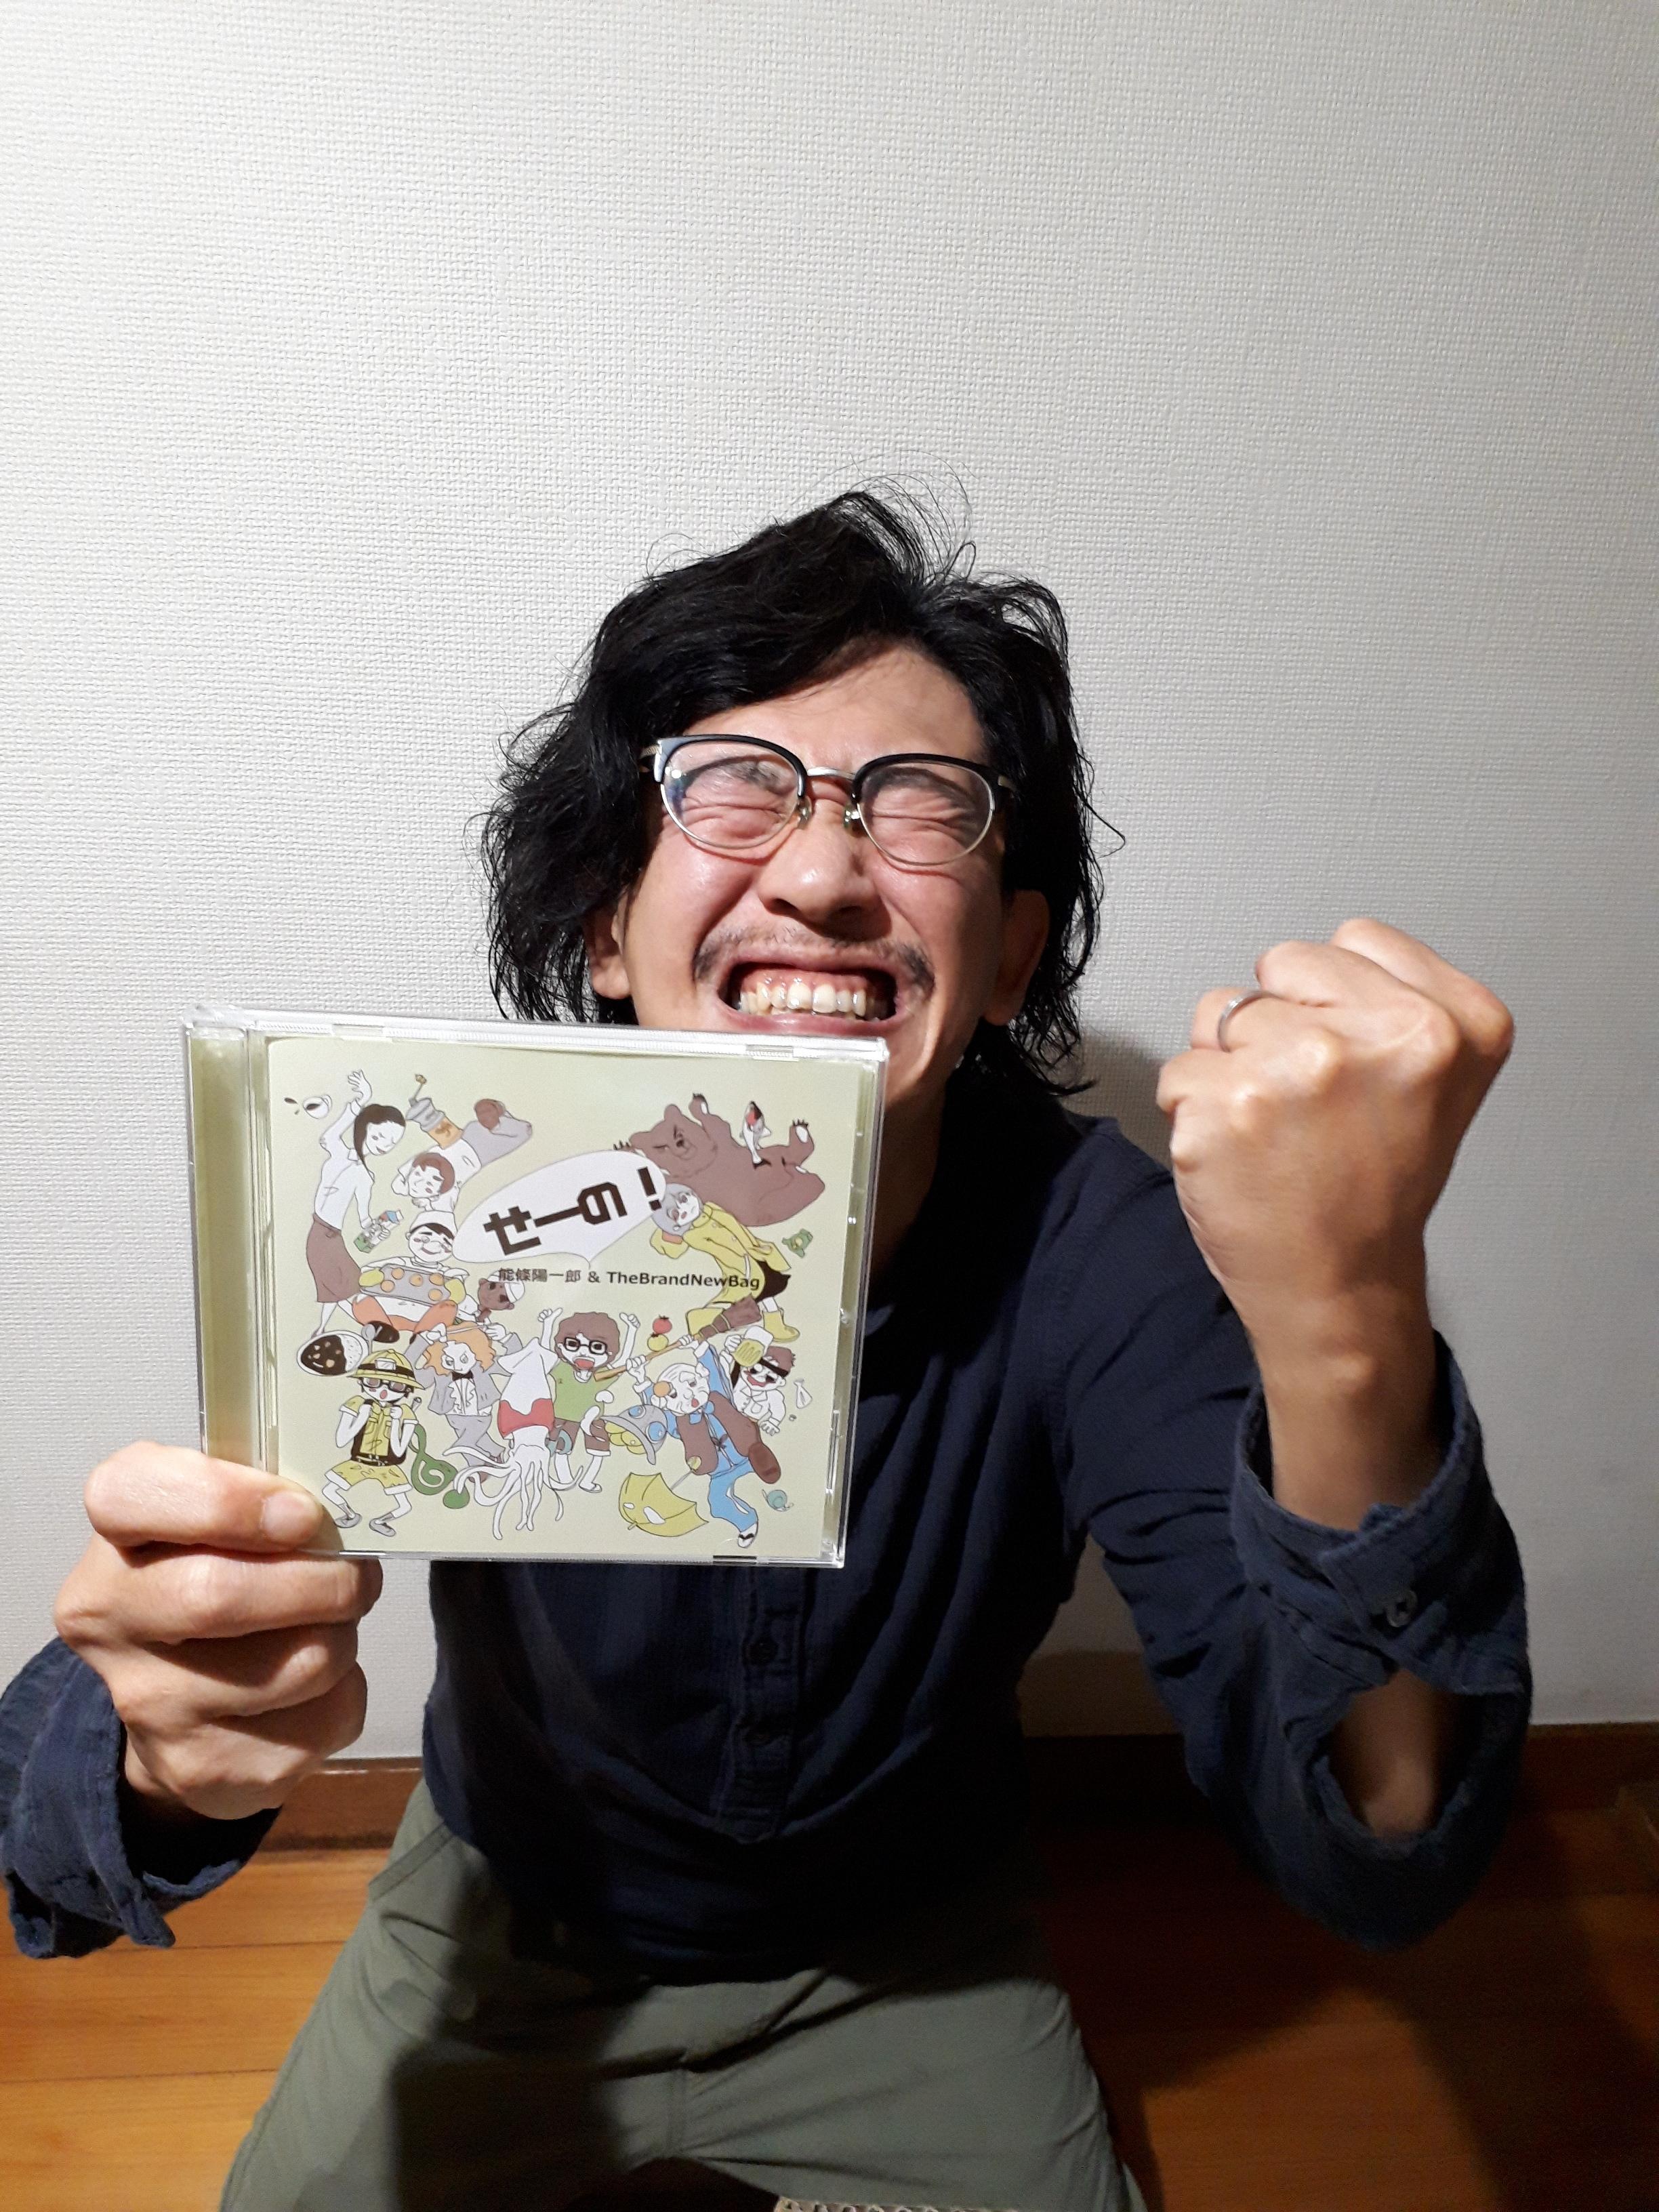 せーの! / 能條陽一郎&TheBrandNewBag